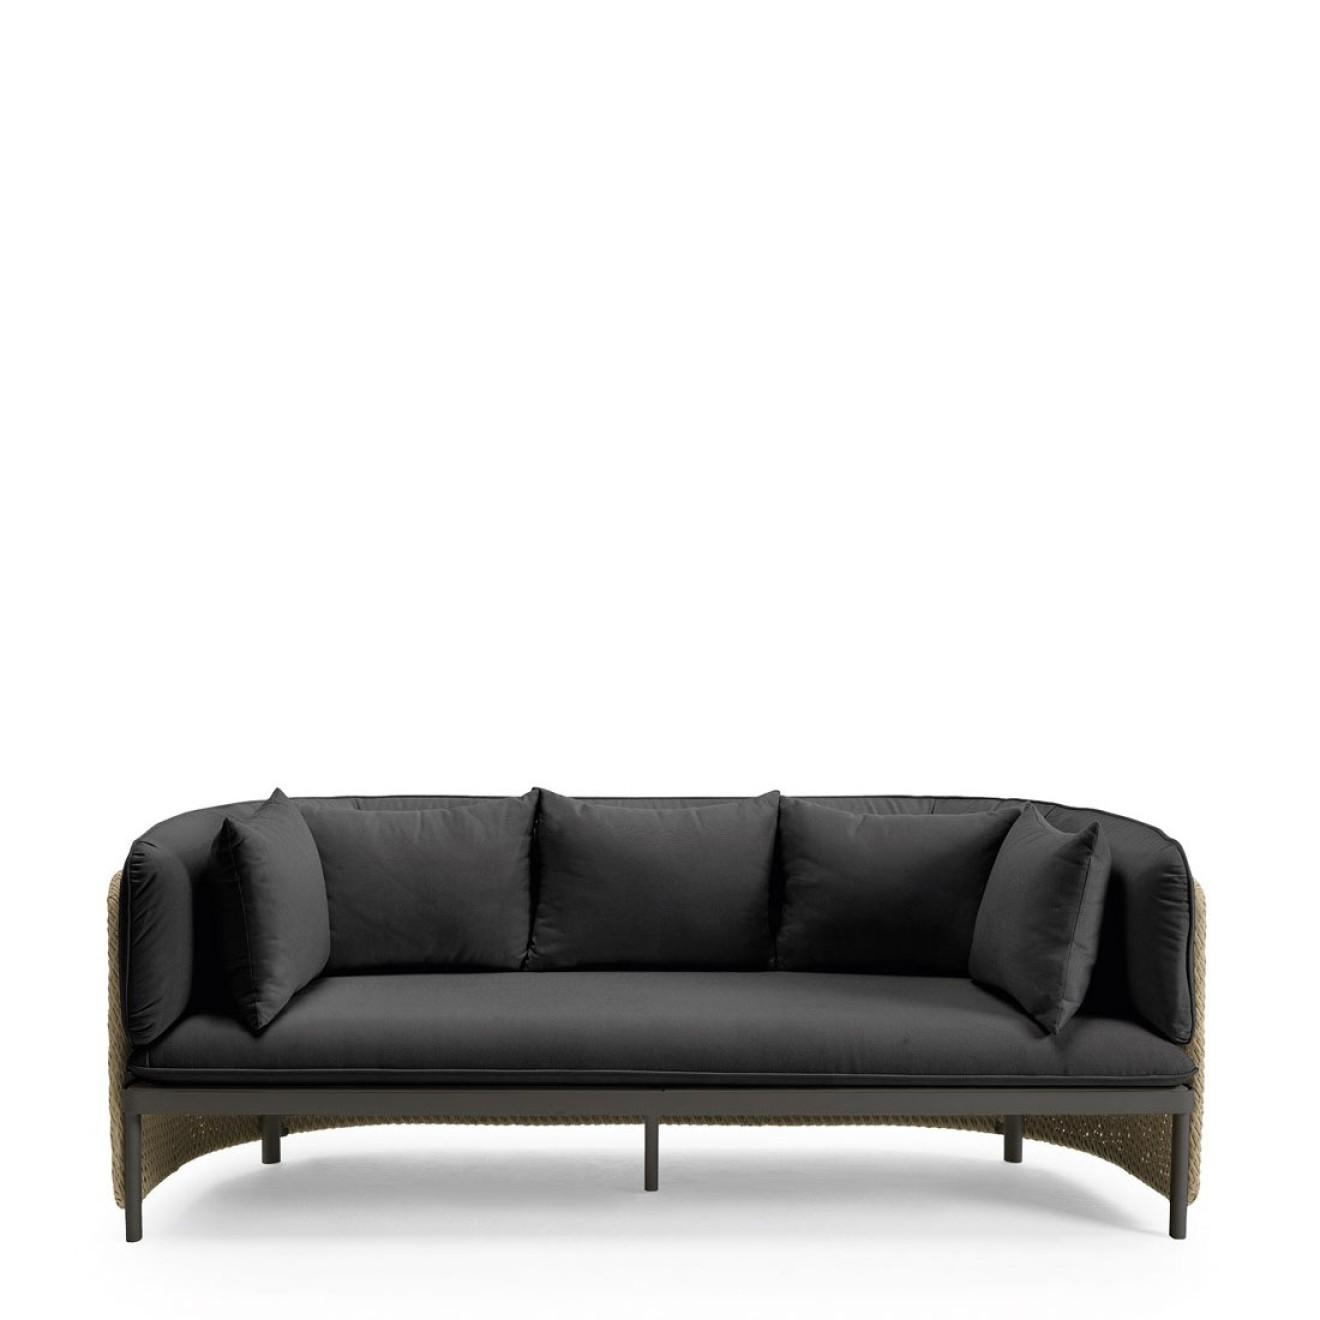 Unglaublich 3 Sitzer Couch Dekoration Von 3-sitzer Sofa Esedra